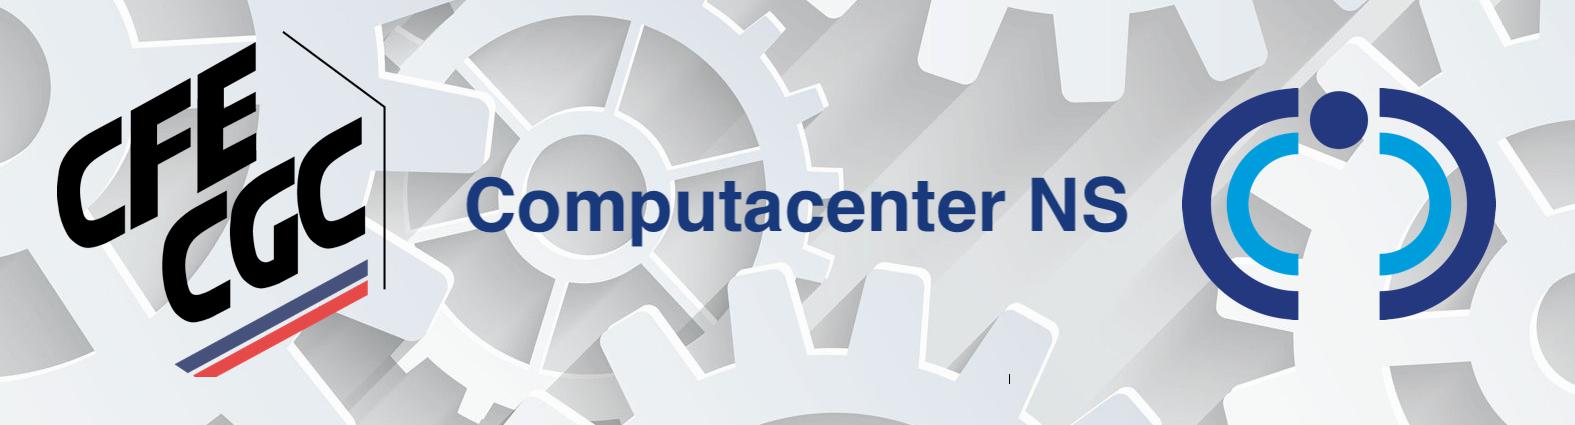 Site de la section syndicale Fieci CFE-CGC ComputaCenter NS